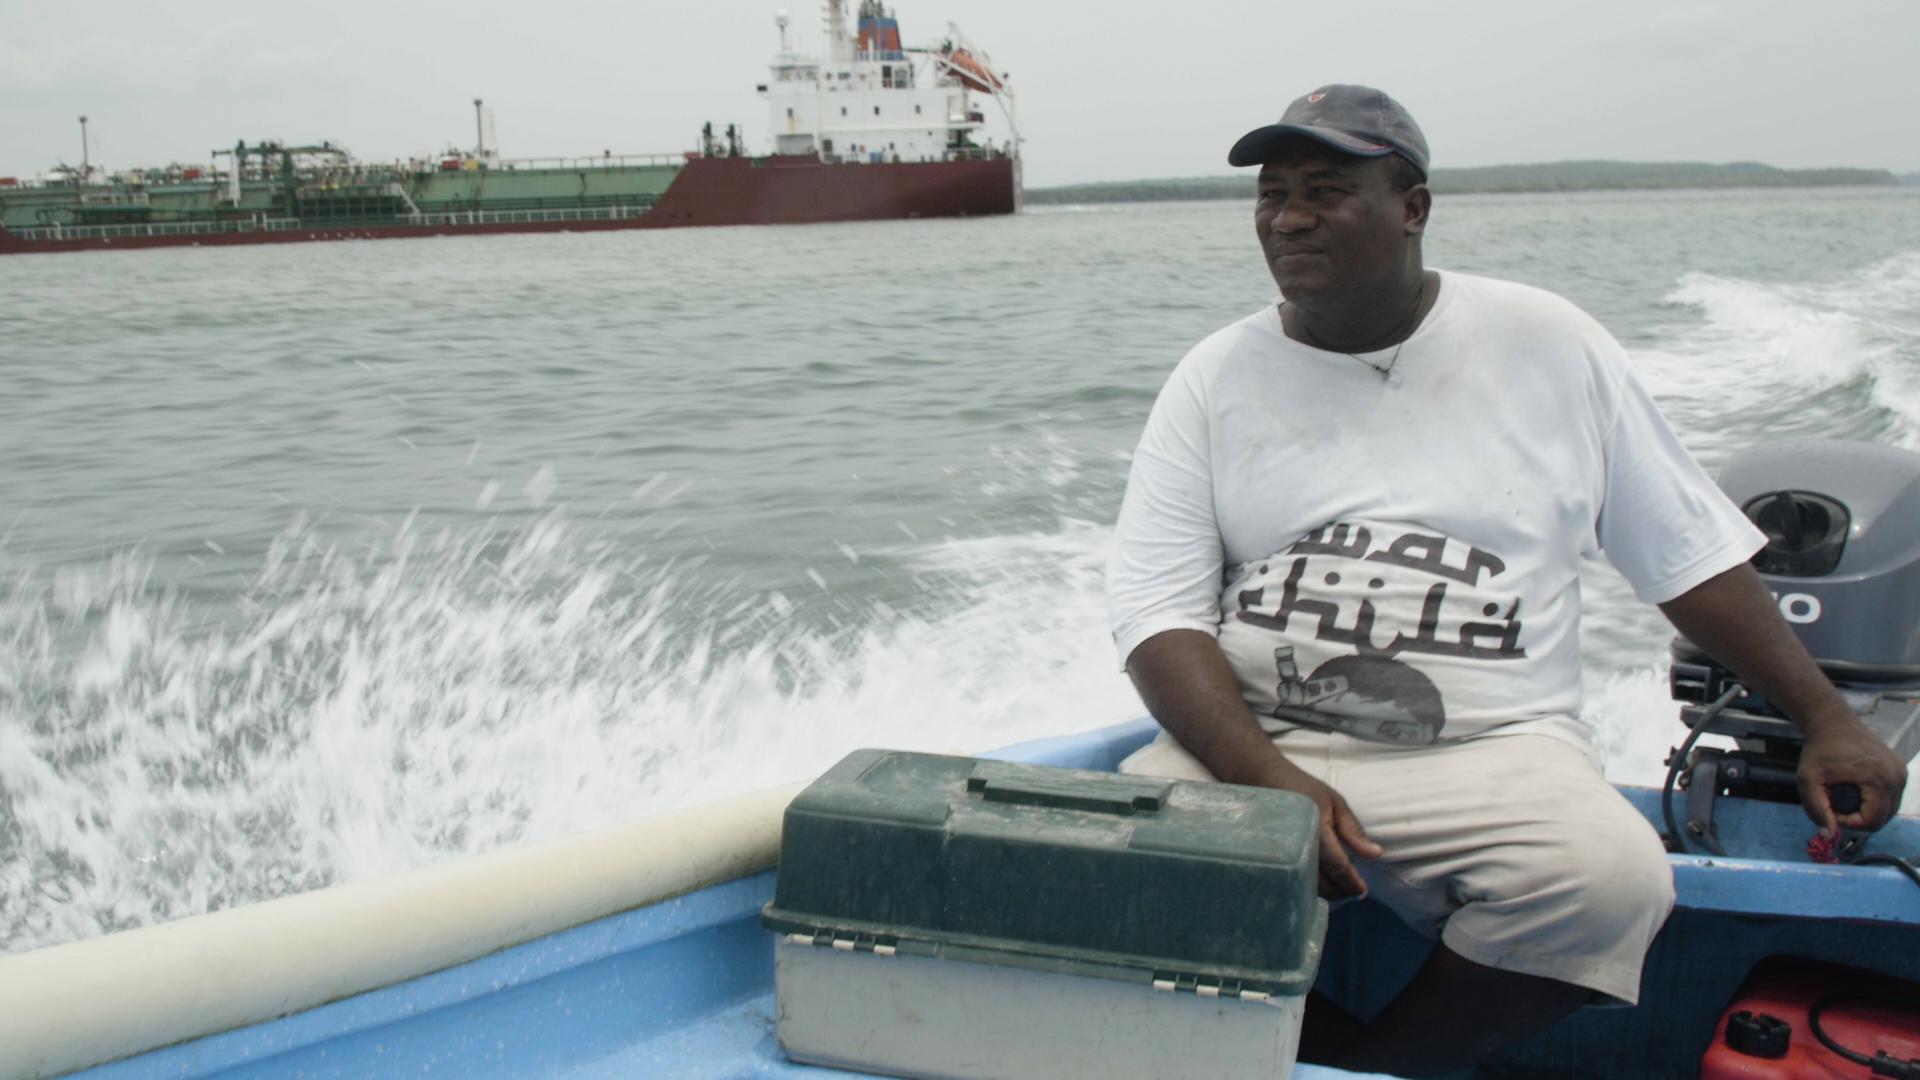 Hector Avendano in boat